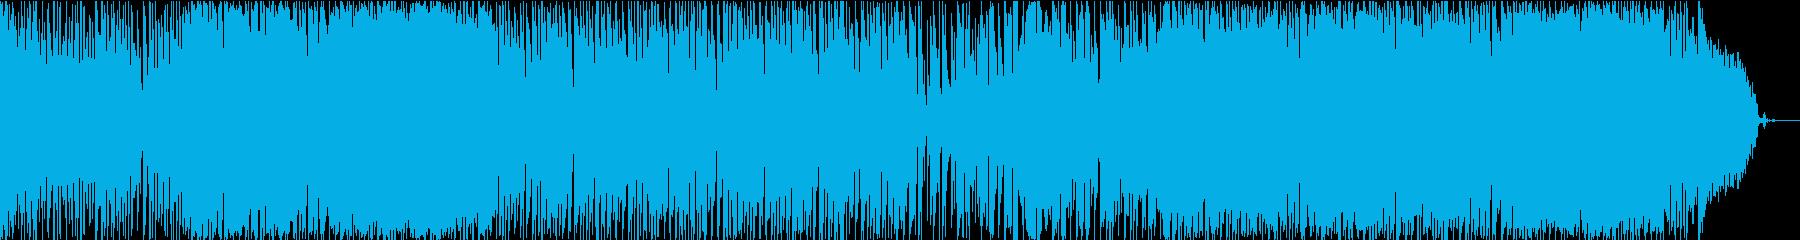 ゆったりした雰囲気のボサノヴァの再生済みの波形